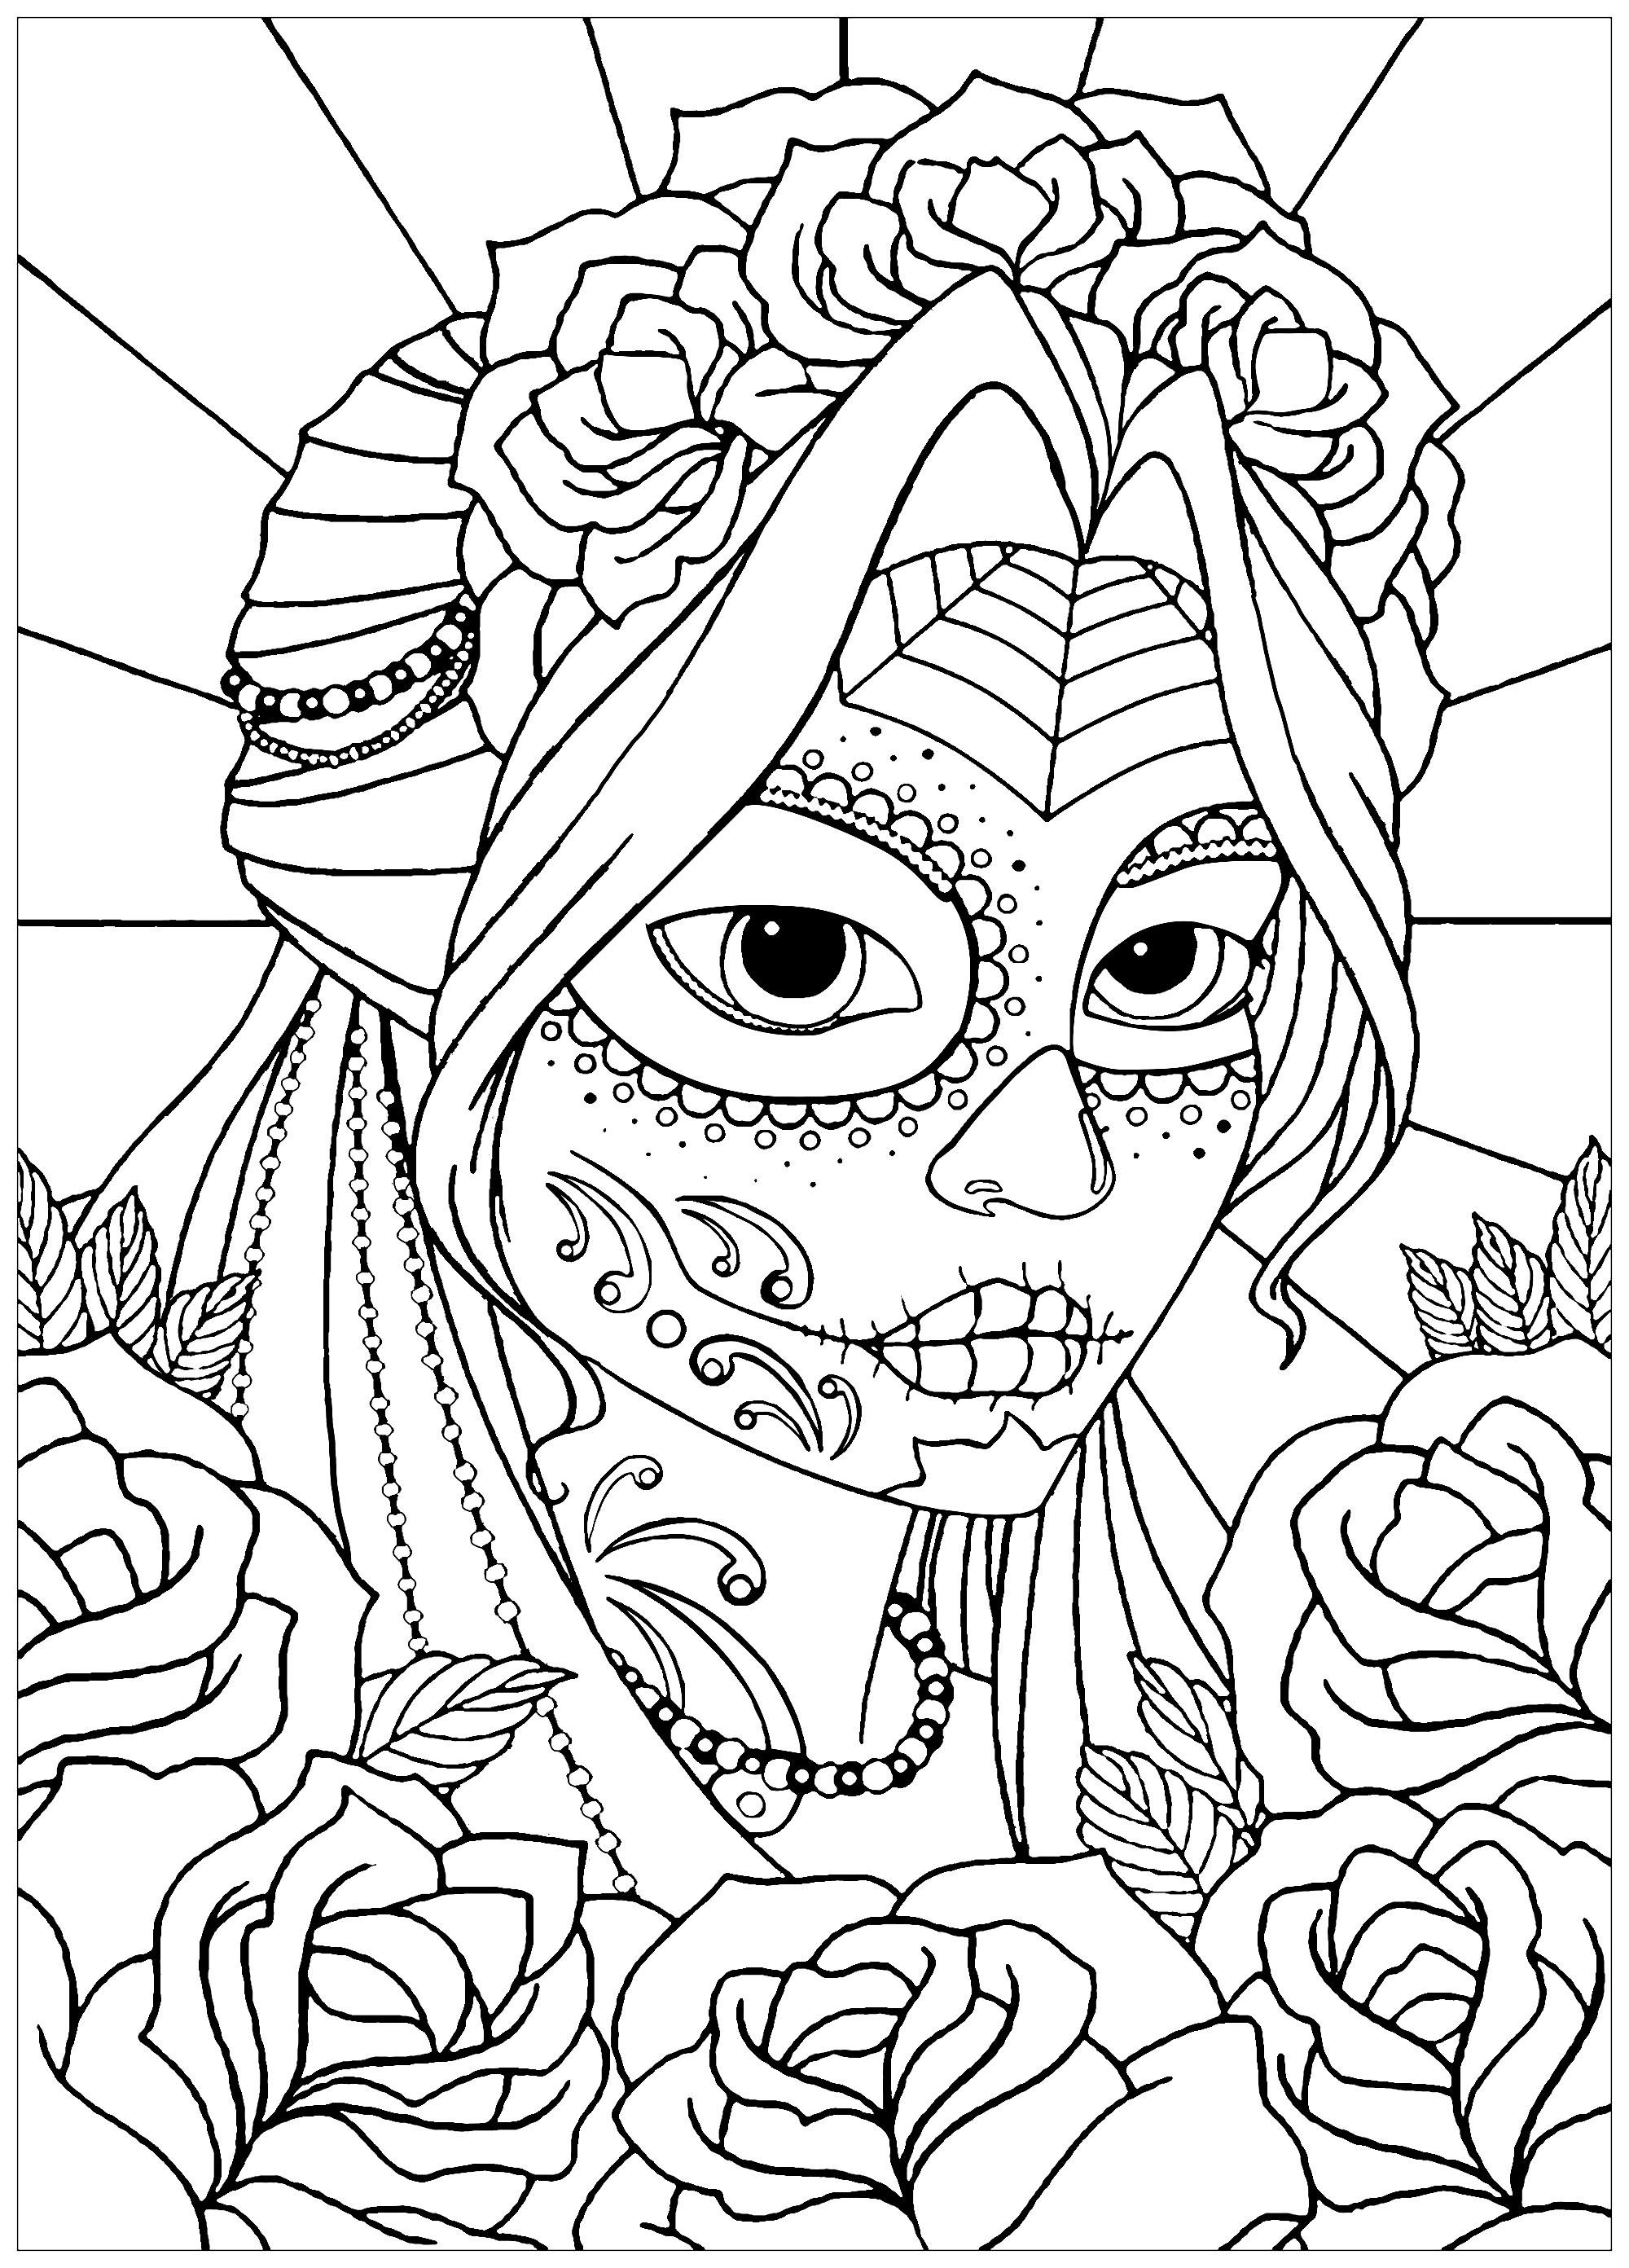 Disegni da colorare per adulti : El Dia De Los Muertos - 6